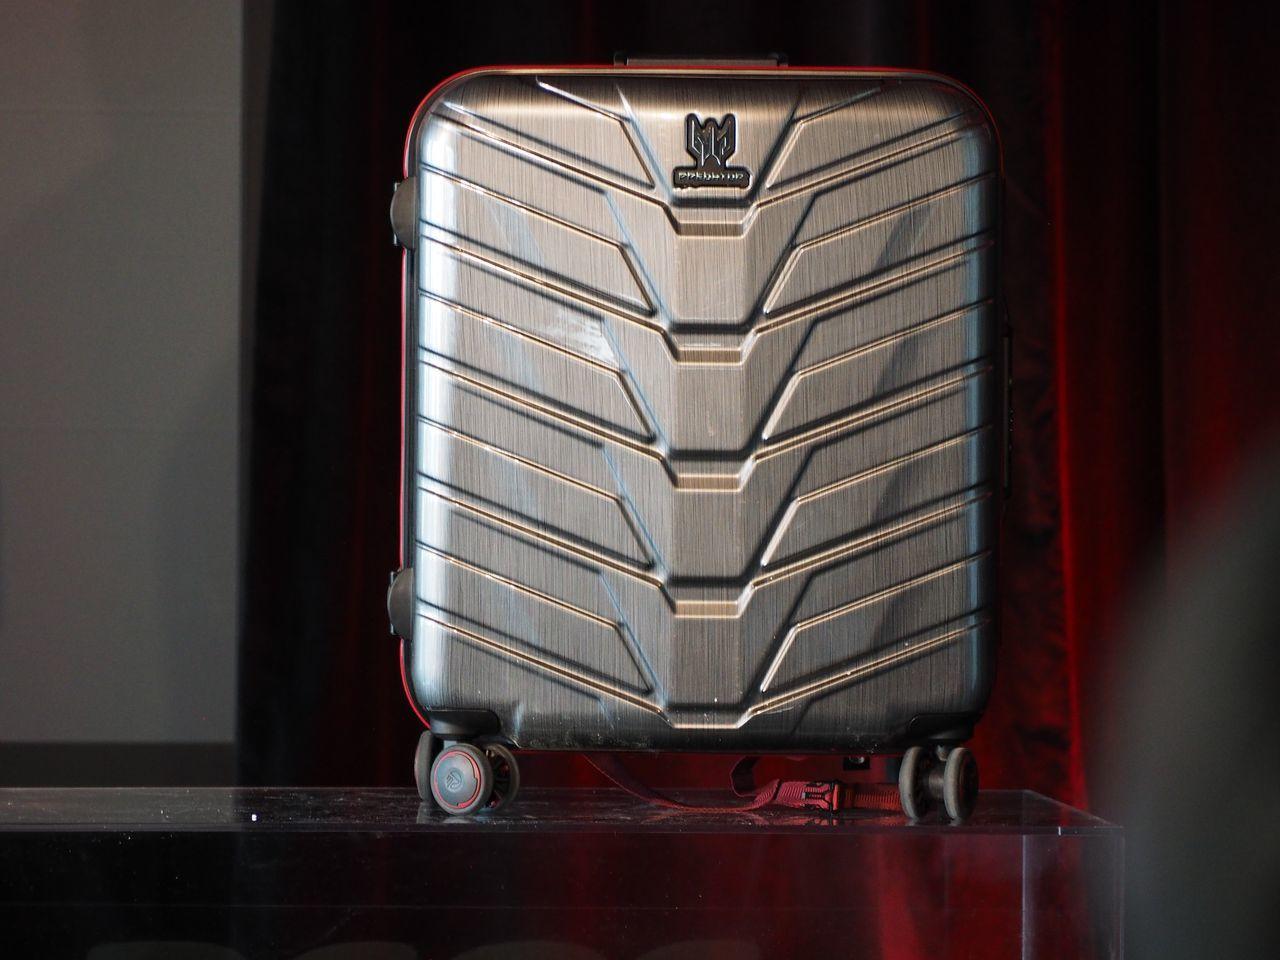 Next@Acer: Самый мощный игровой ноутбук с воздушным охлаждением, велокомпьютер, Chromebook для работы и другие новинки - 21